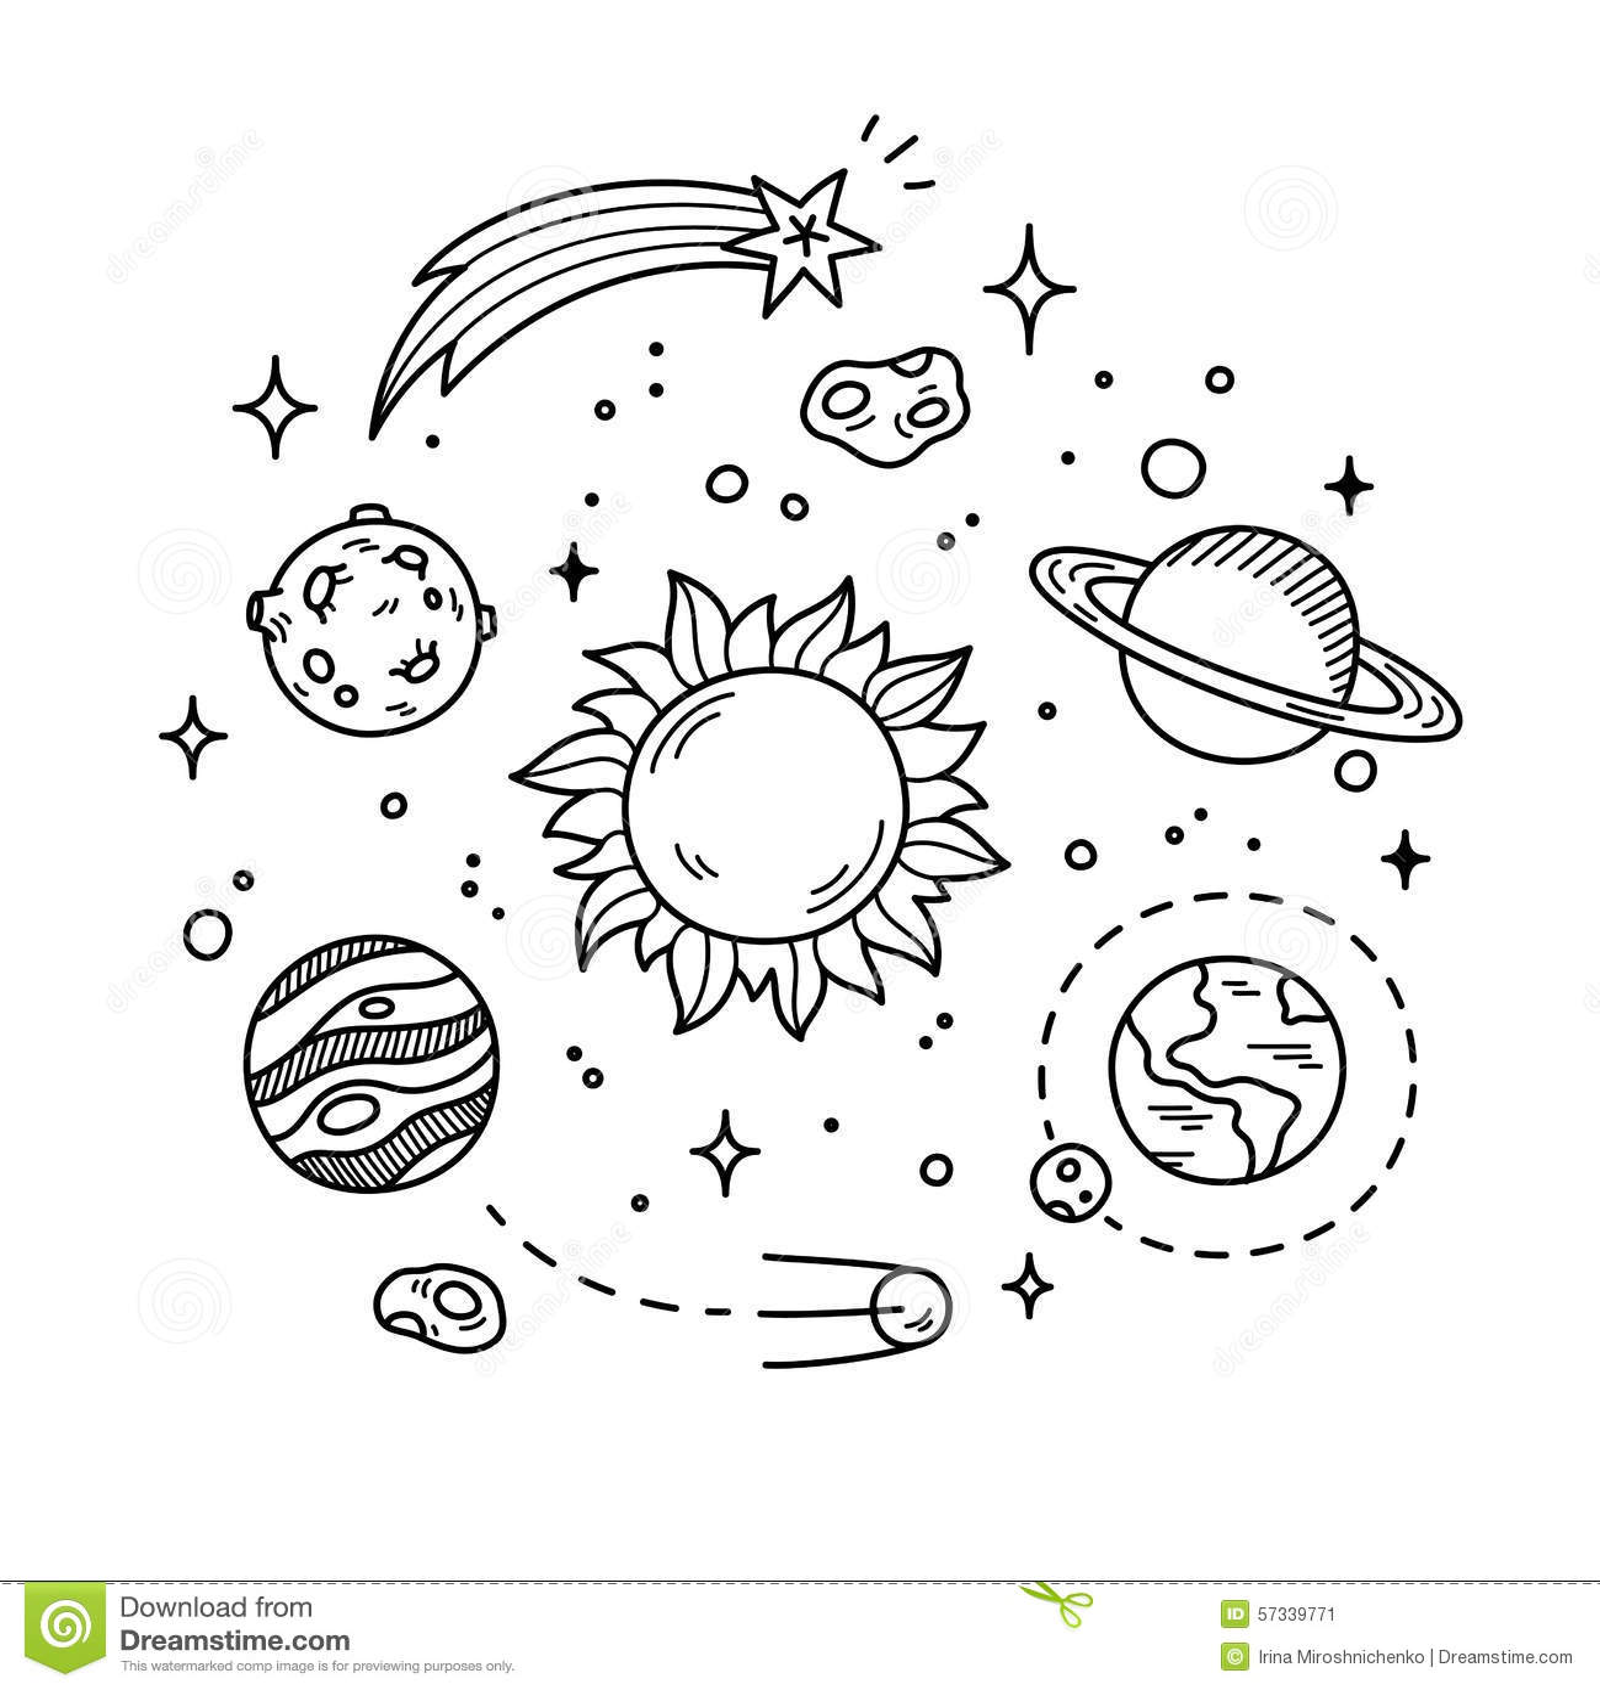 star space drawings - 736×720